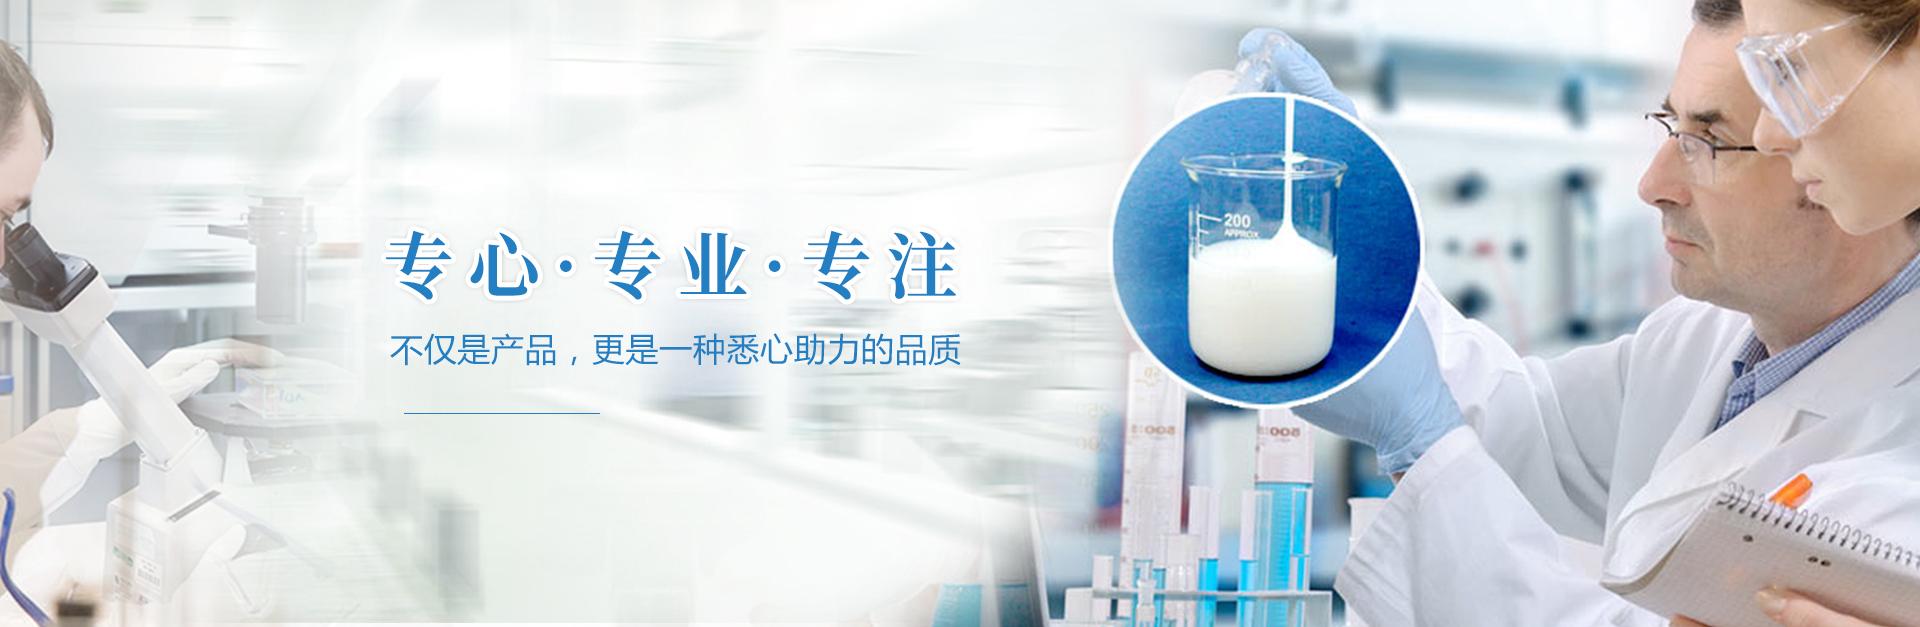 消泡剂行业产品分类